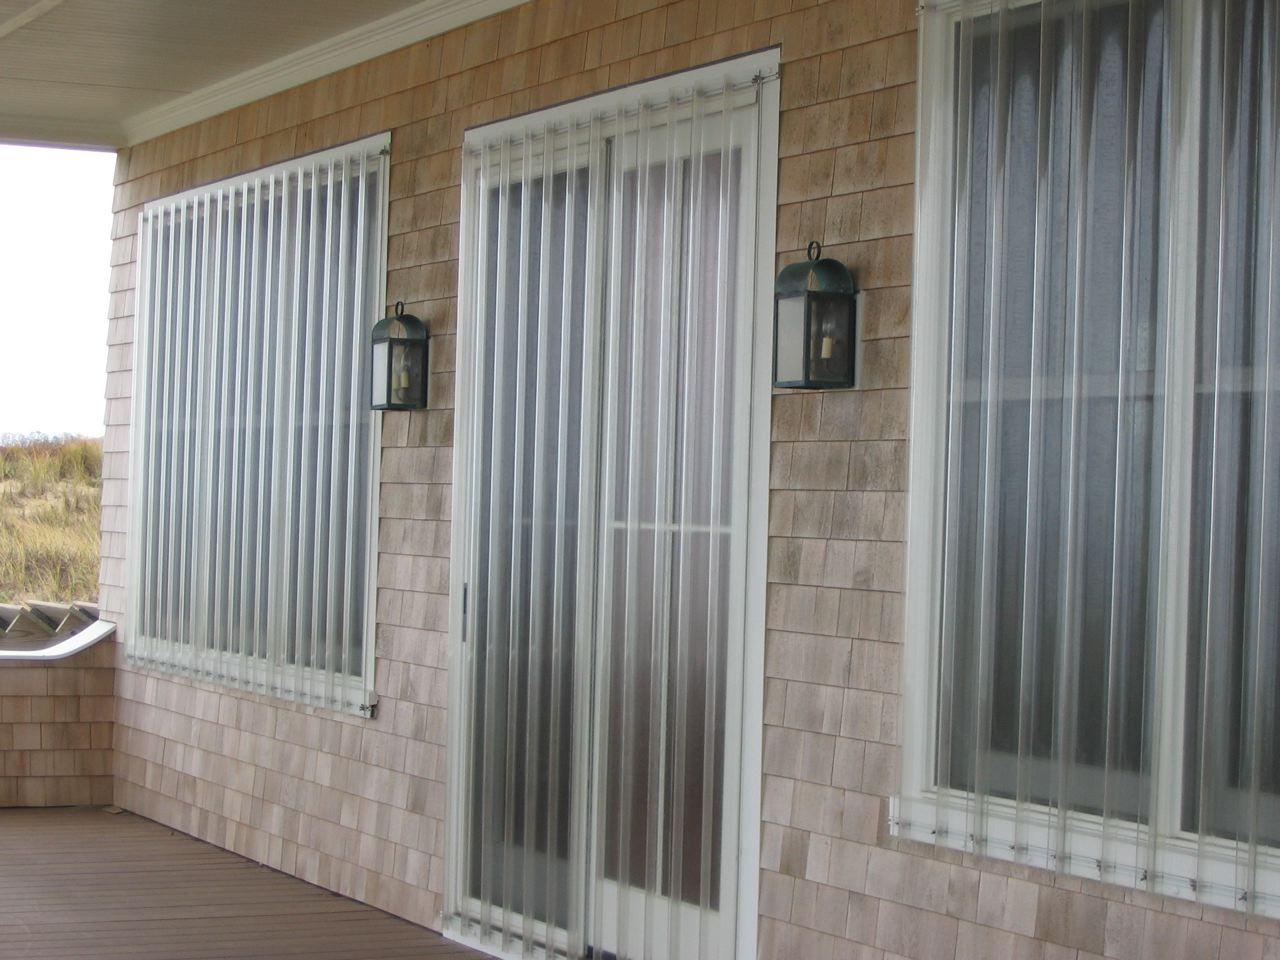 Vusafe Storm Panels Easily Fit Over Sliding Doors Oversized Doors And Custom Door Applications Patio Doors Interior Storm Windows Sliding Door Shutters